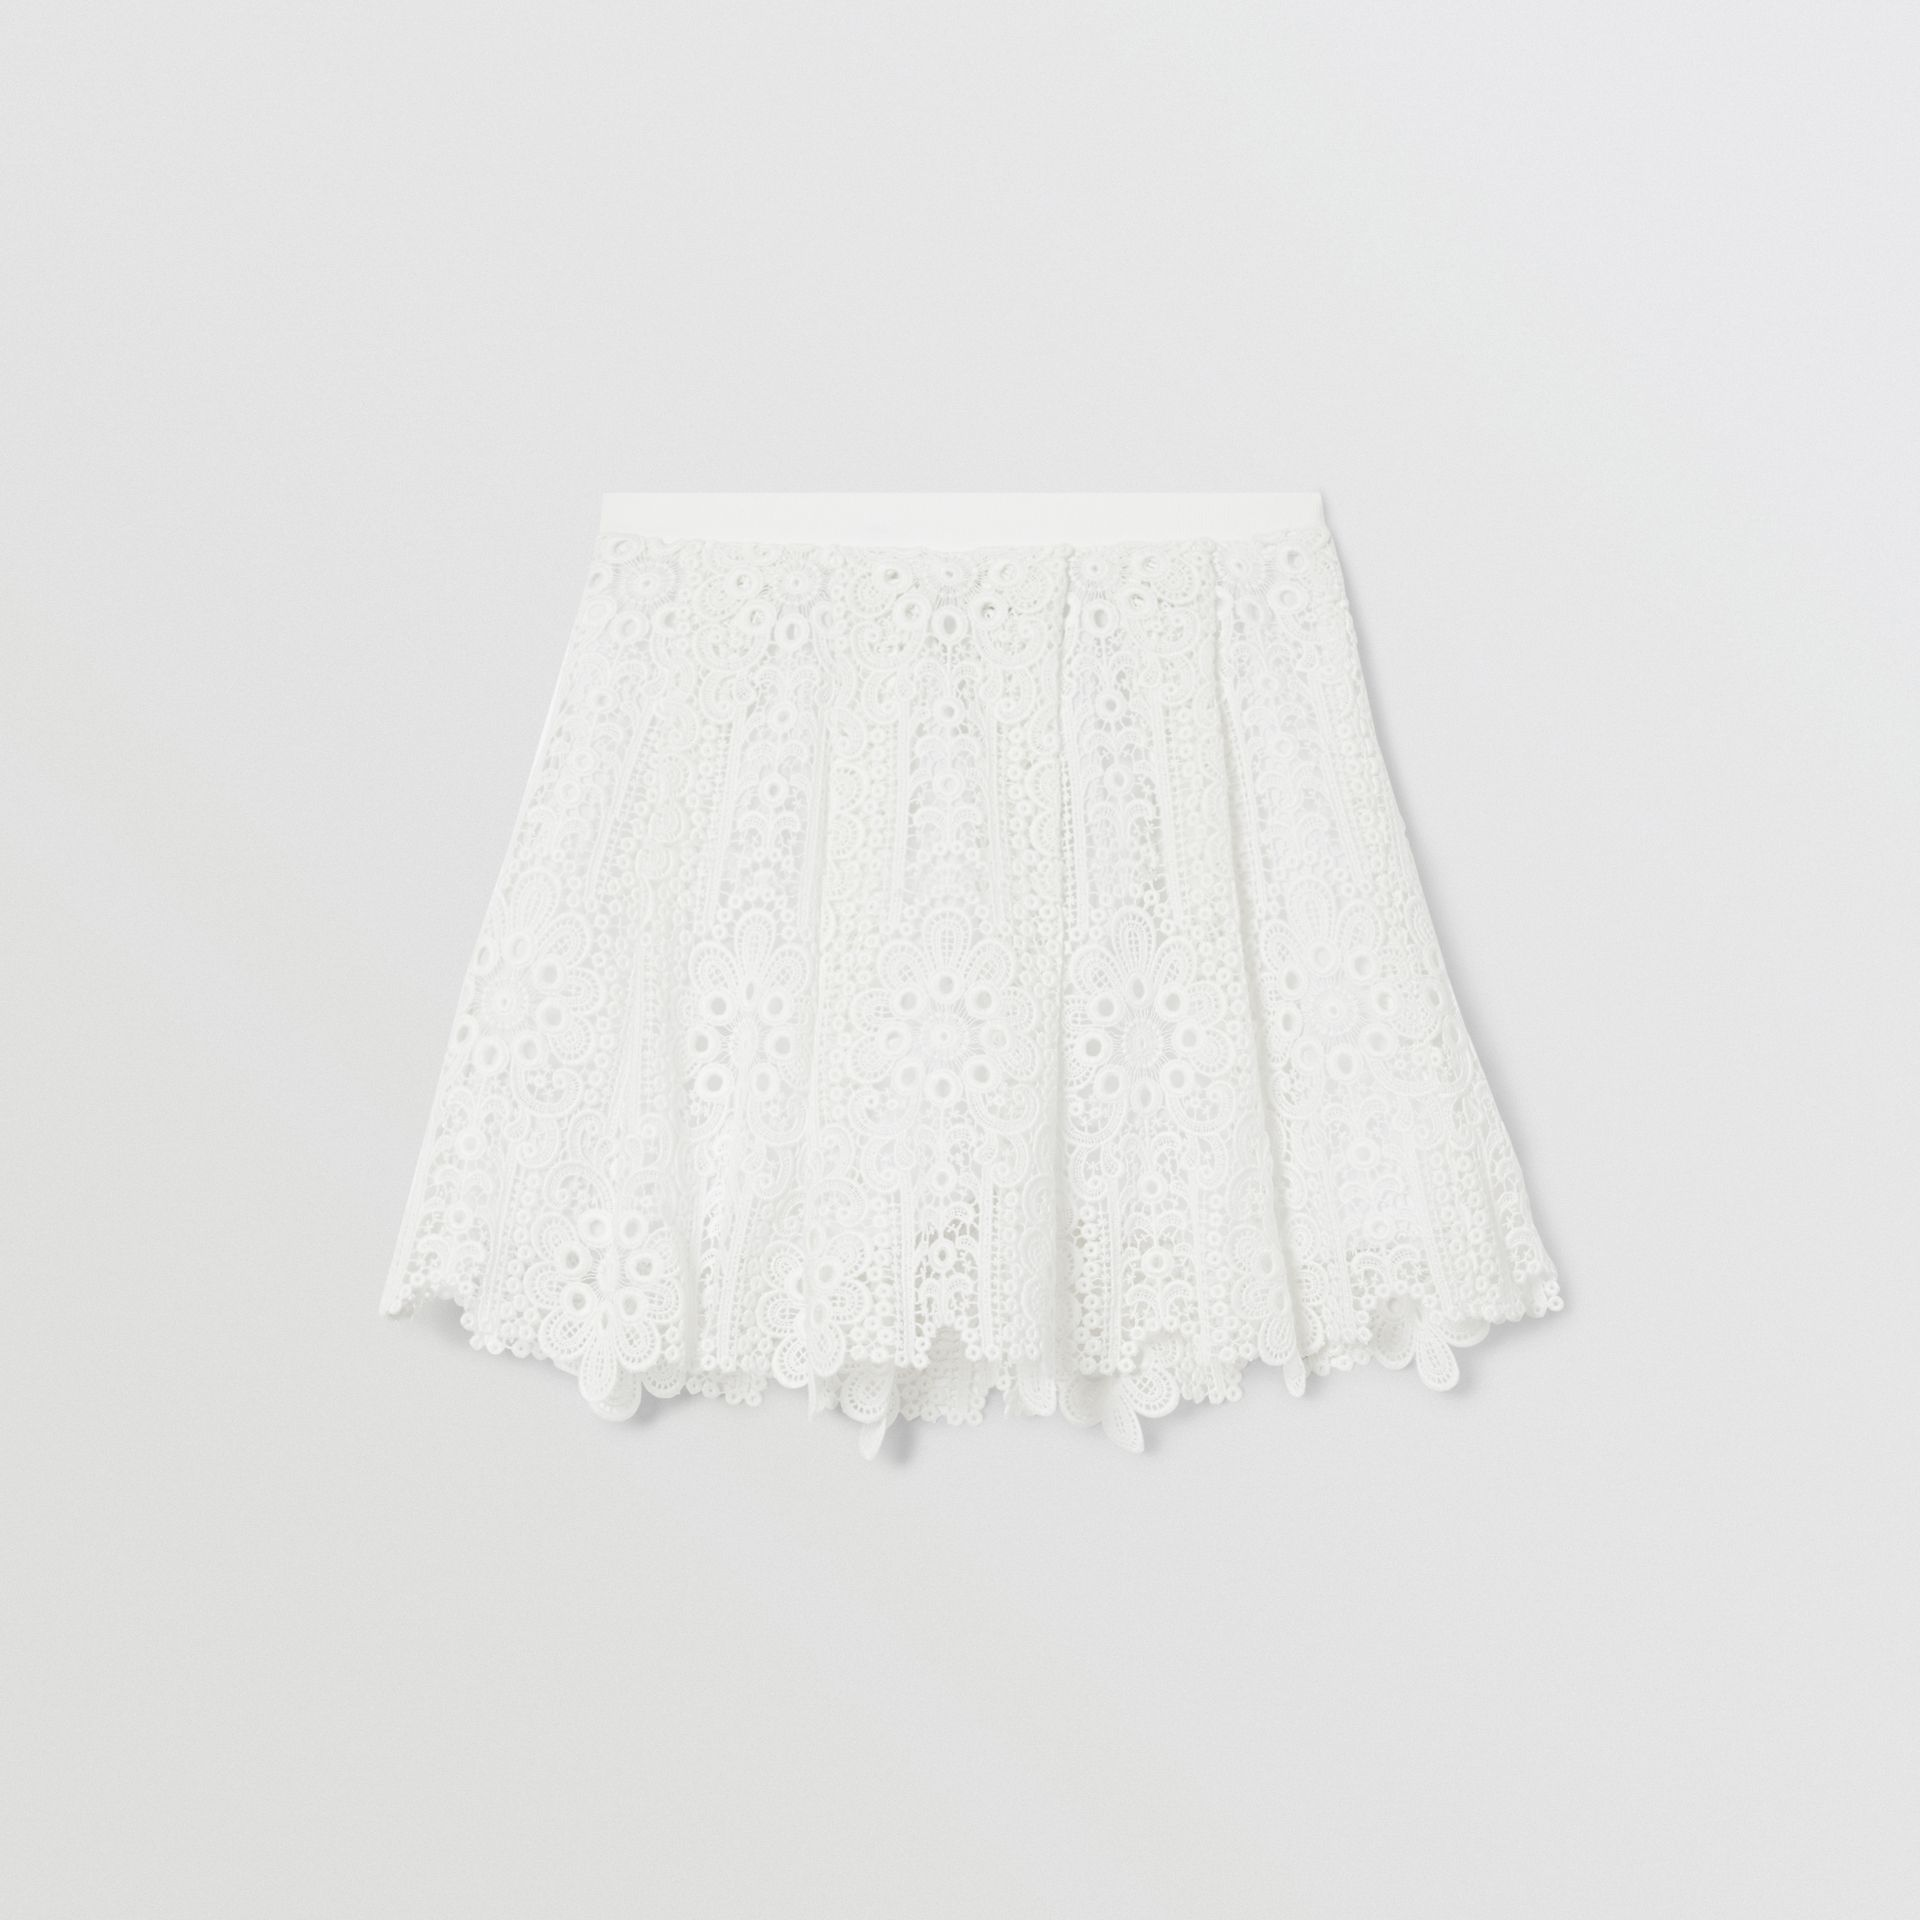 プリーツ マクラメレース スカート (ホワイト) | バーバリー - ギャラリーイメージ 3